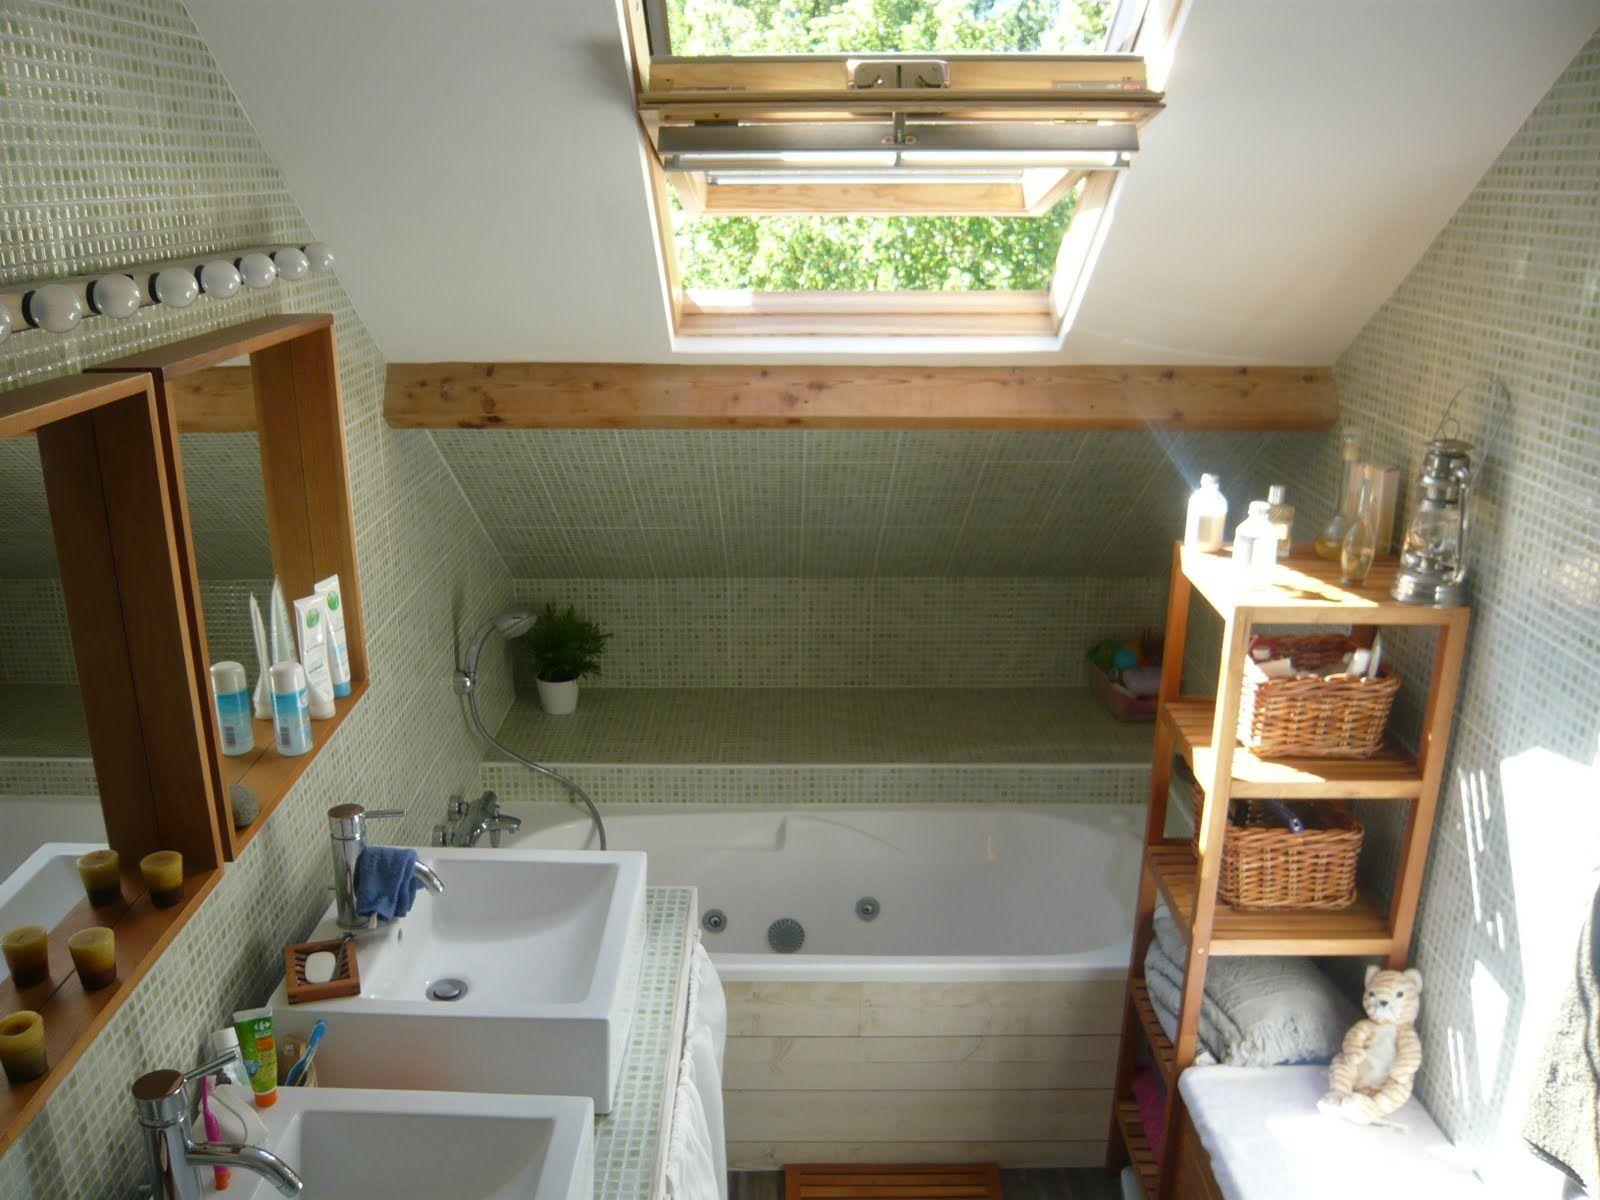 Salle de bain sous les toits recherche google cocoon - Salle de bain sous les toits ...